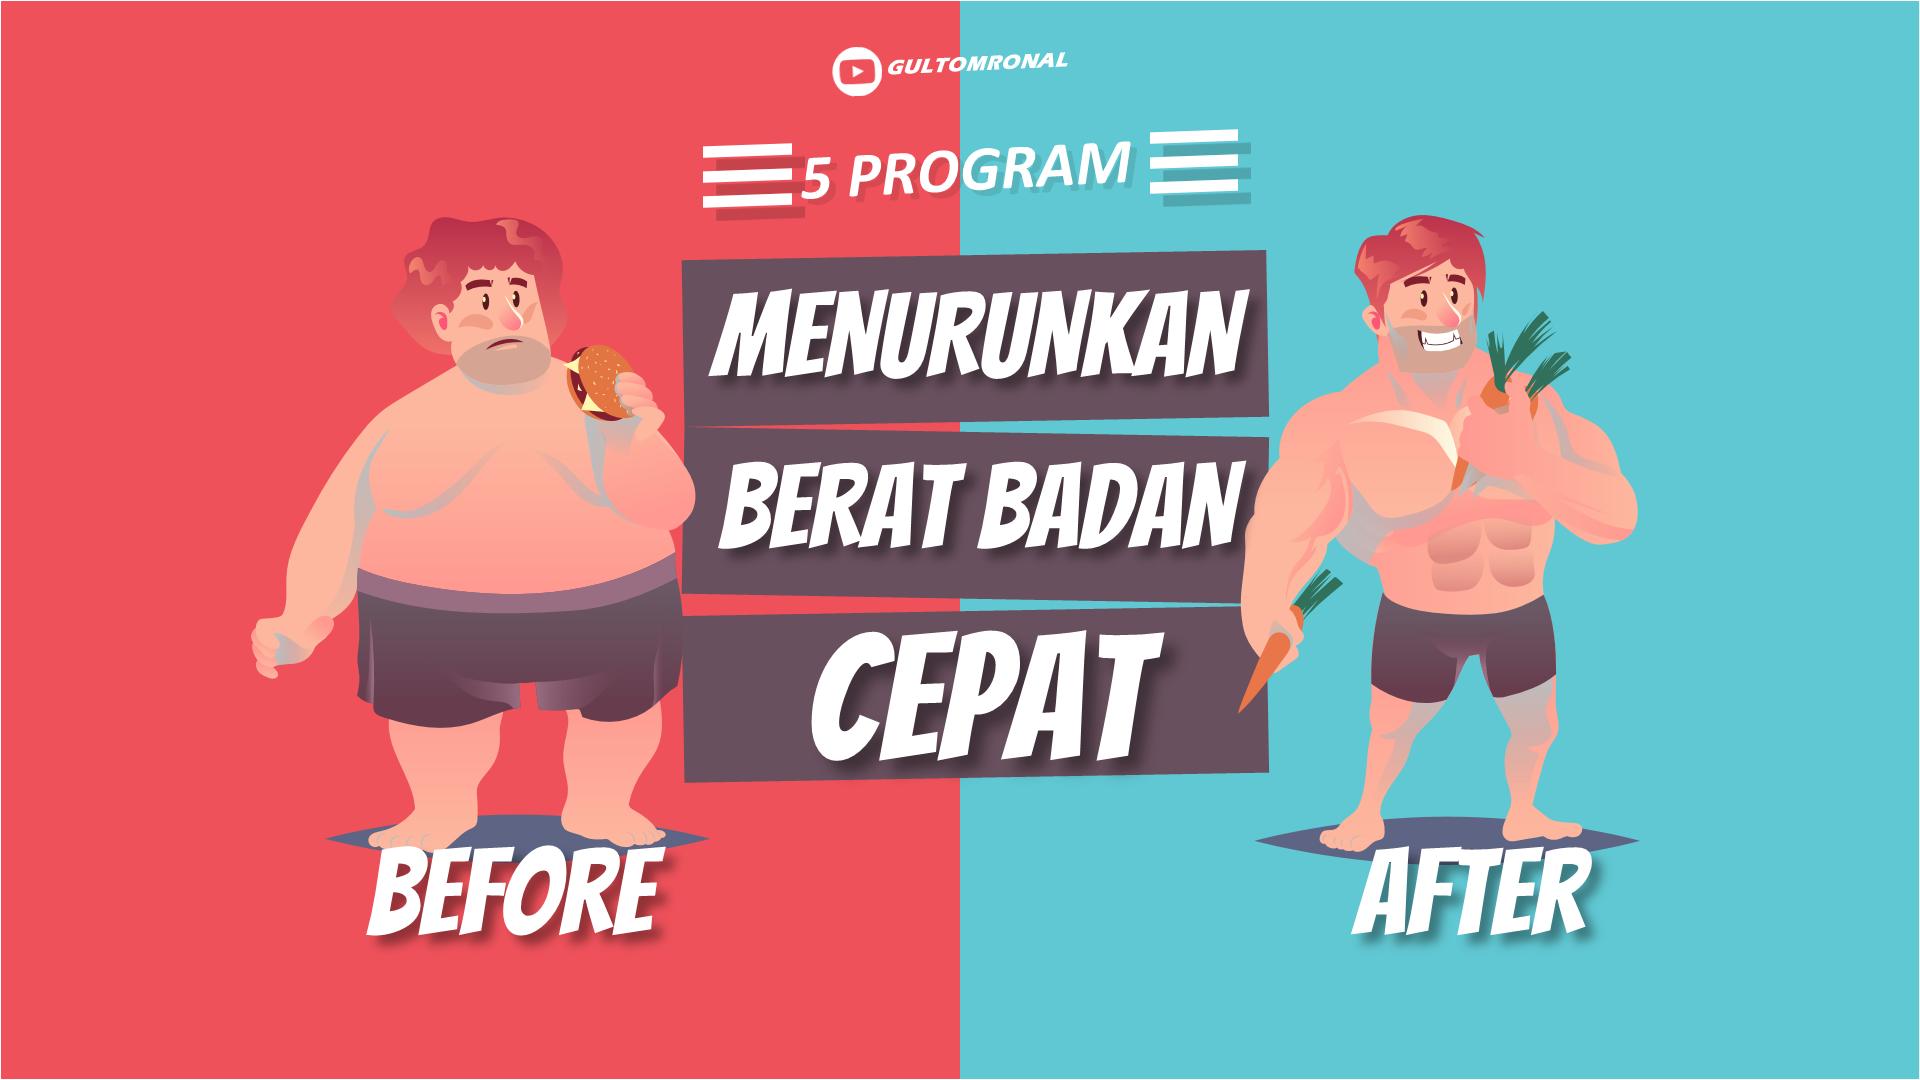 5 Program Menurunkan Berat Badan